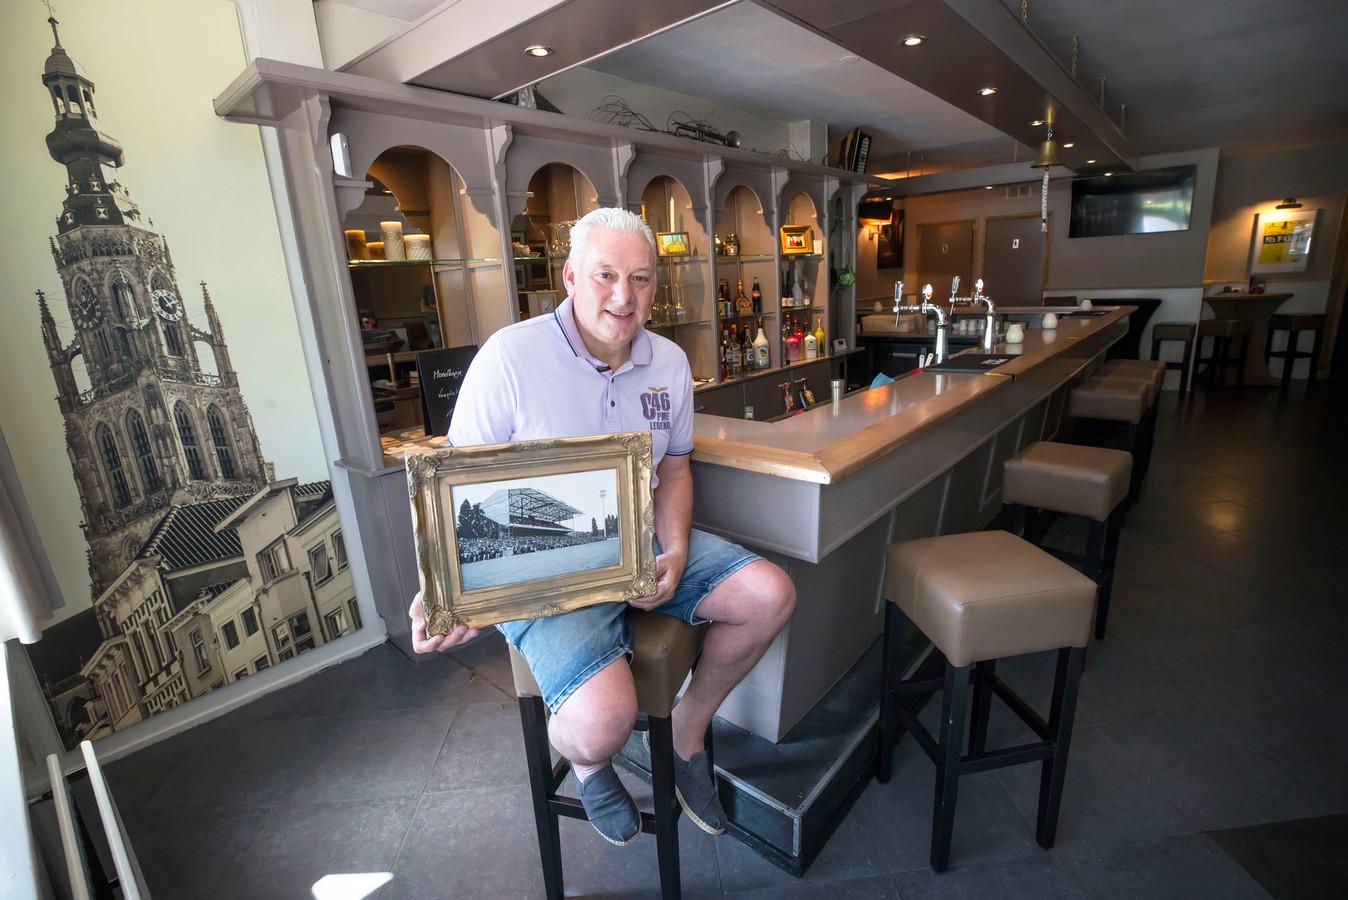 Voormalig NAC-speler en oer-Bredanaar Peter Remie is nu kroegbaas van Café Breda aan de Haagweg. In zijn handen een foto van het stadion aan de Beatrixstraat waar hij van 1984 tot 1997 furore maakte als rechtsbuiten.